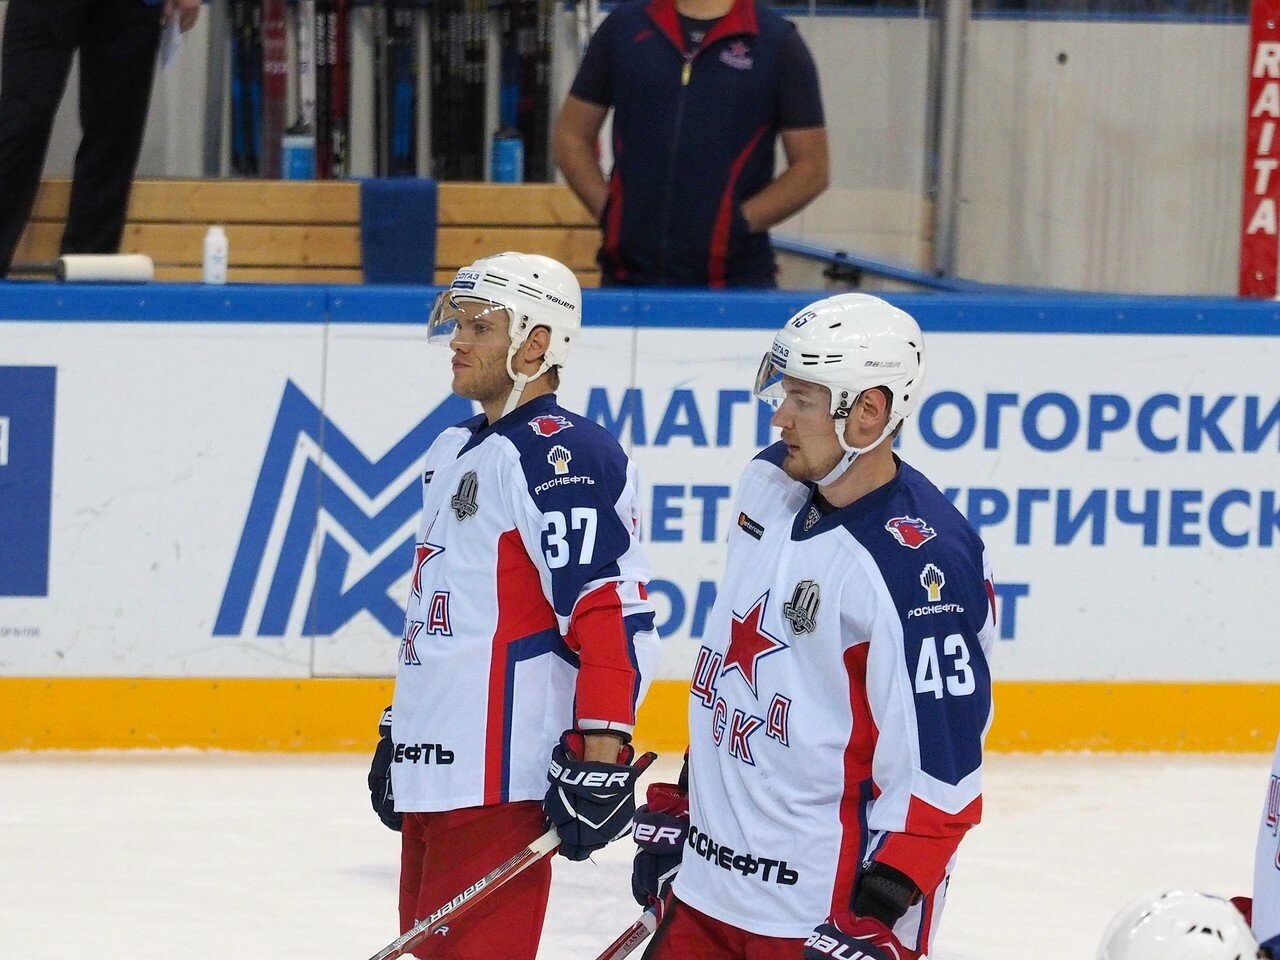 34 Металлург - ЦСКА 18.10.2017